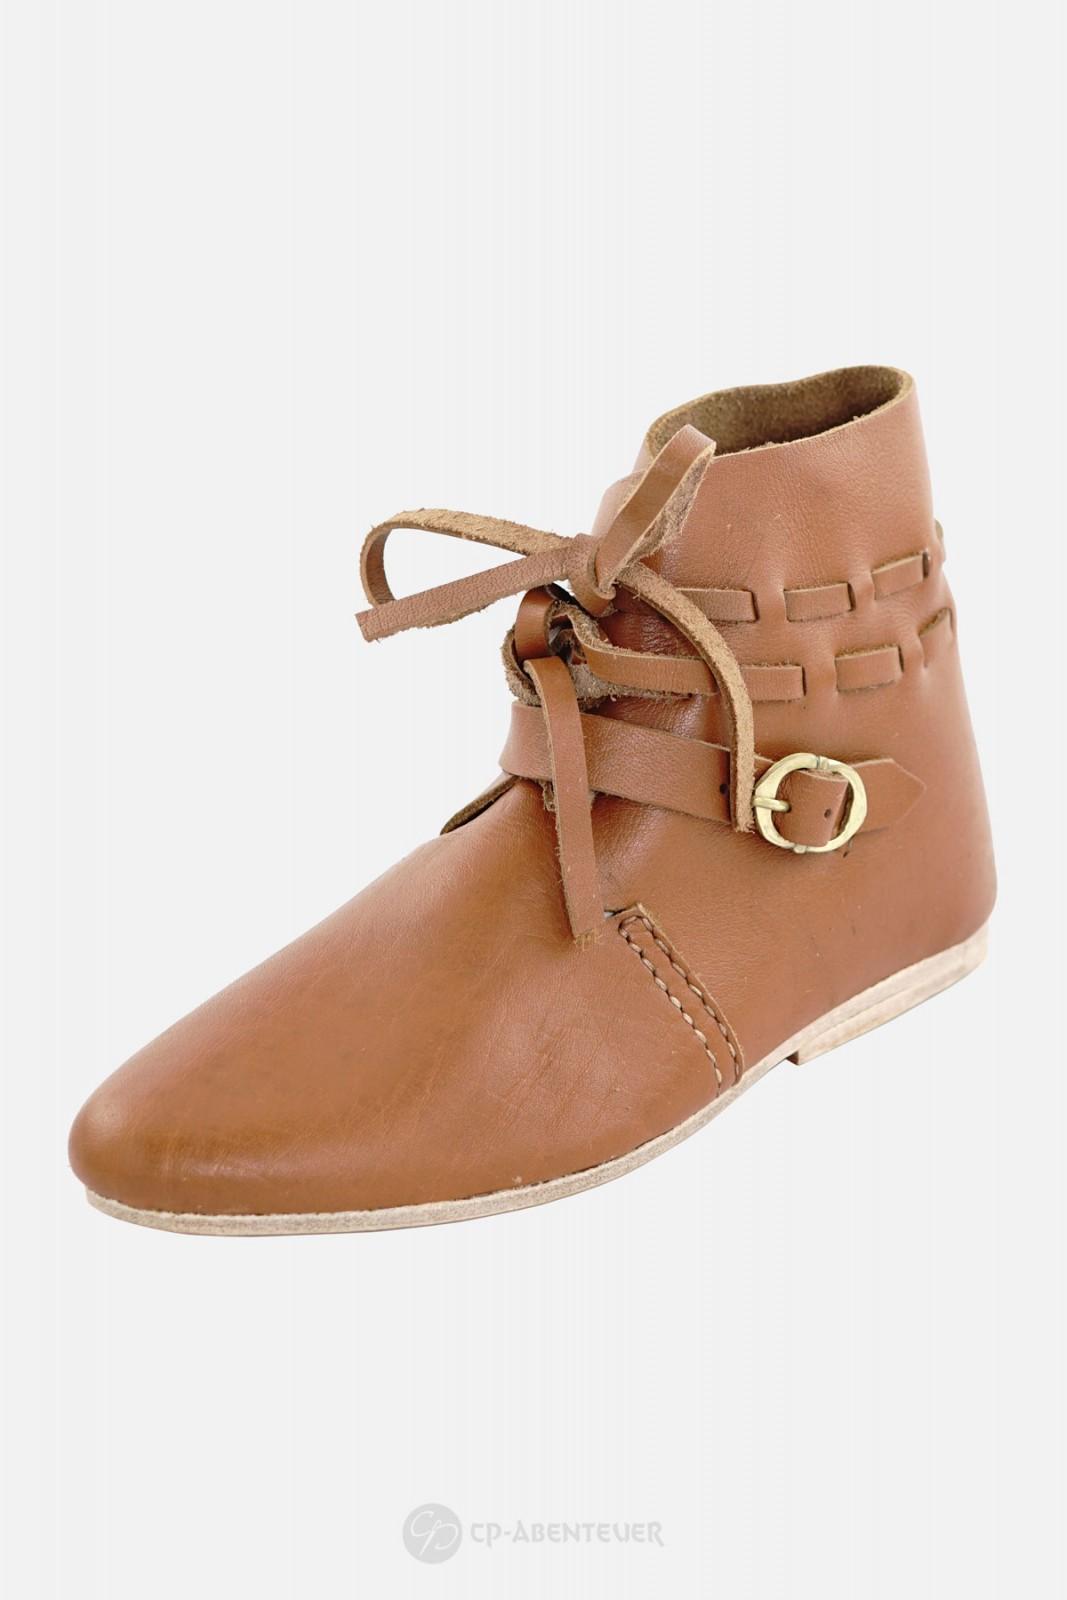 Eberhardt - Schuhe